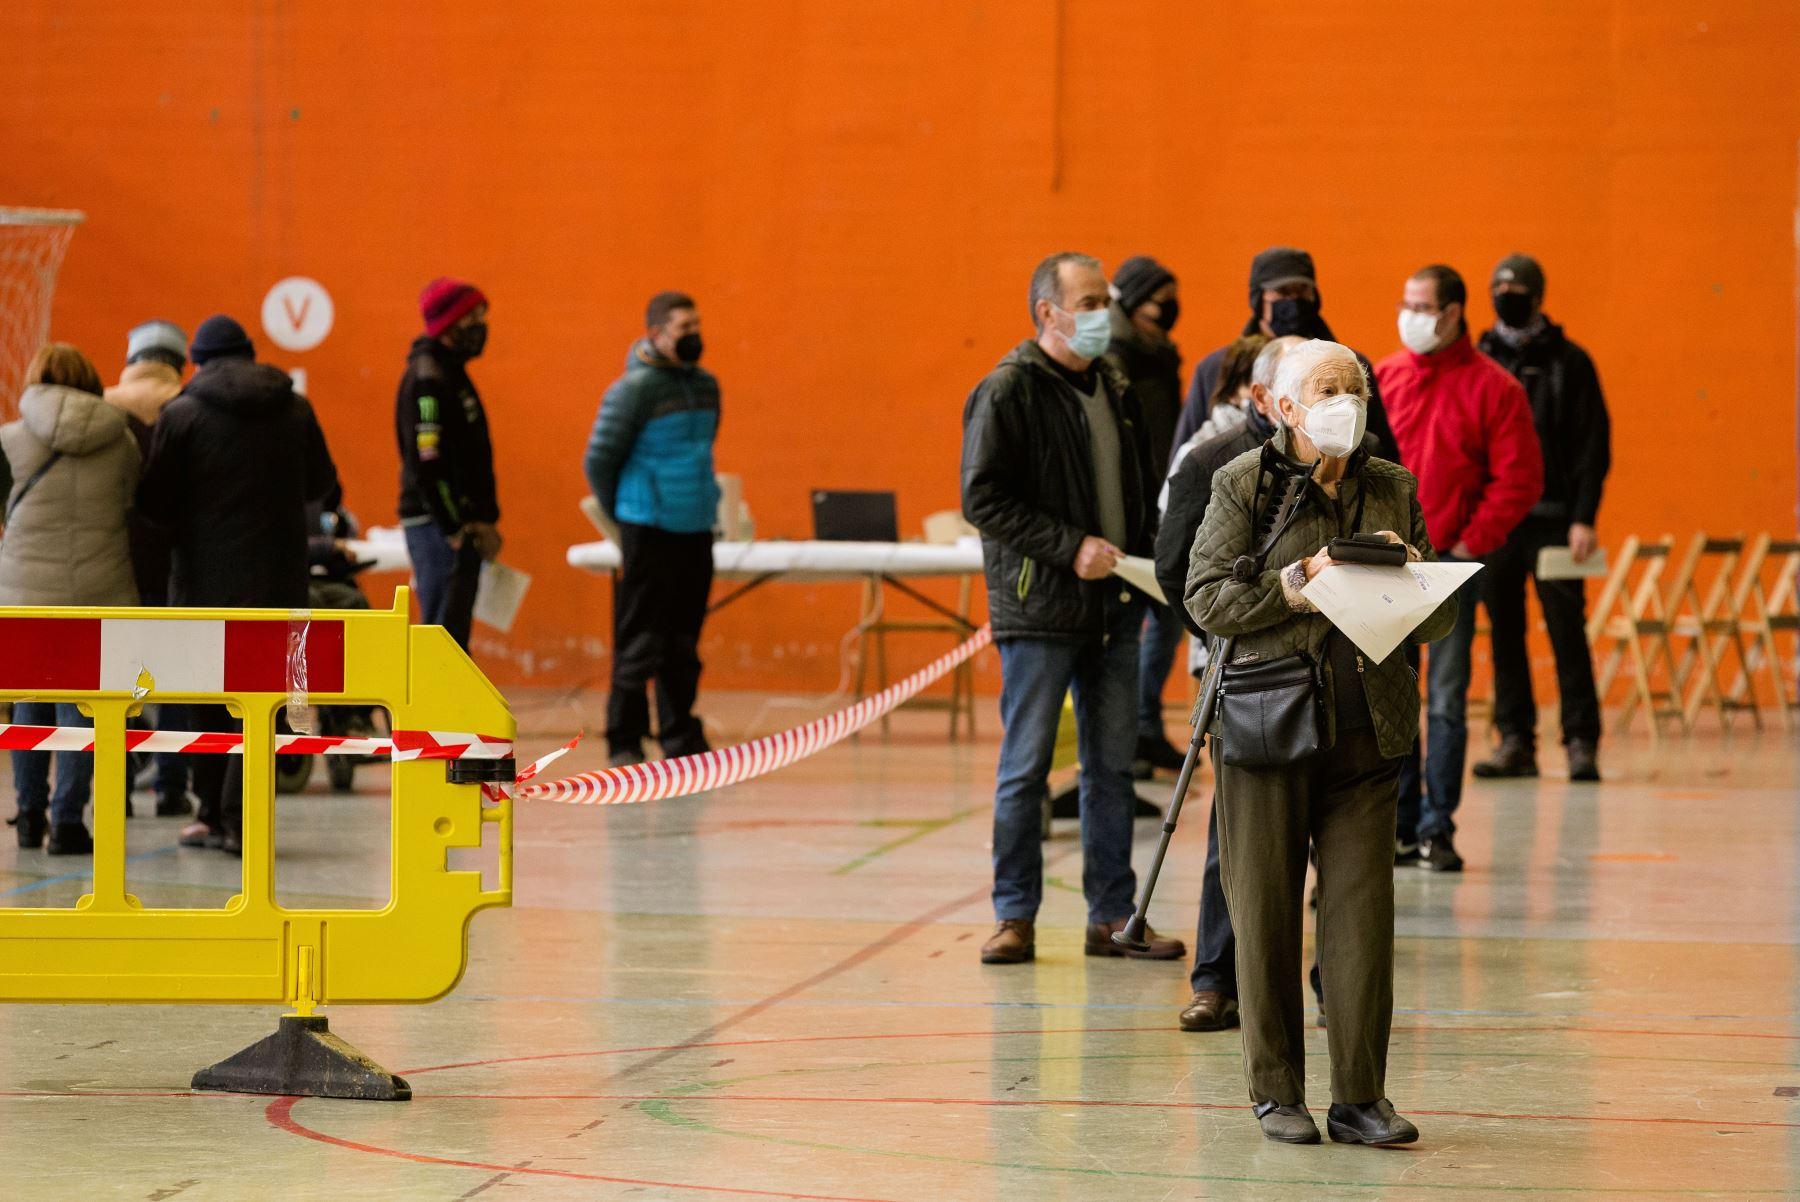 Vecinos de Agurain (Vitoria) esperan turno para someterse a pruebas PCR durante un cribado masivo. Foto: EFE